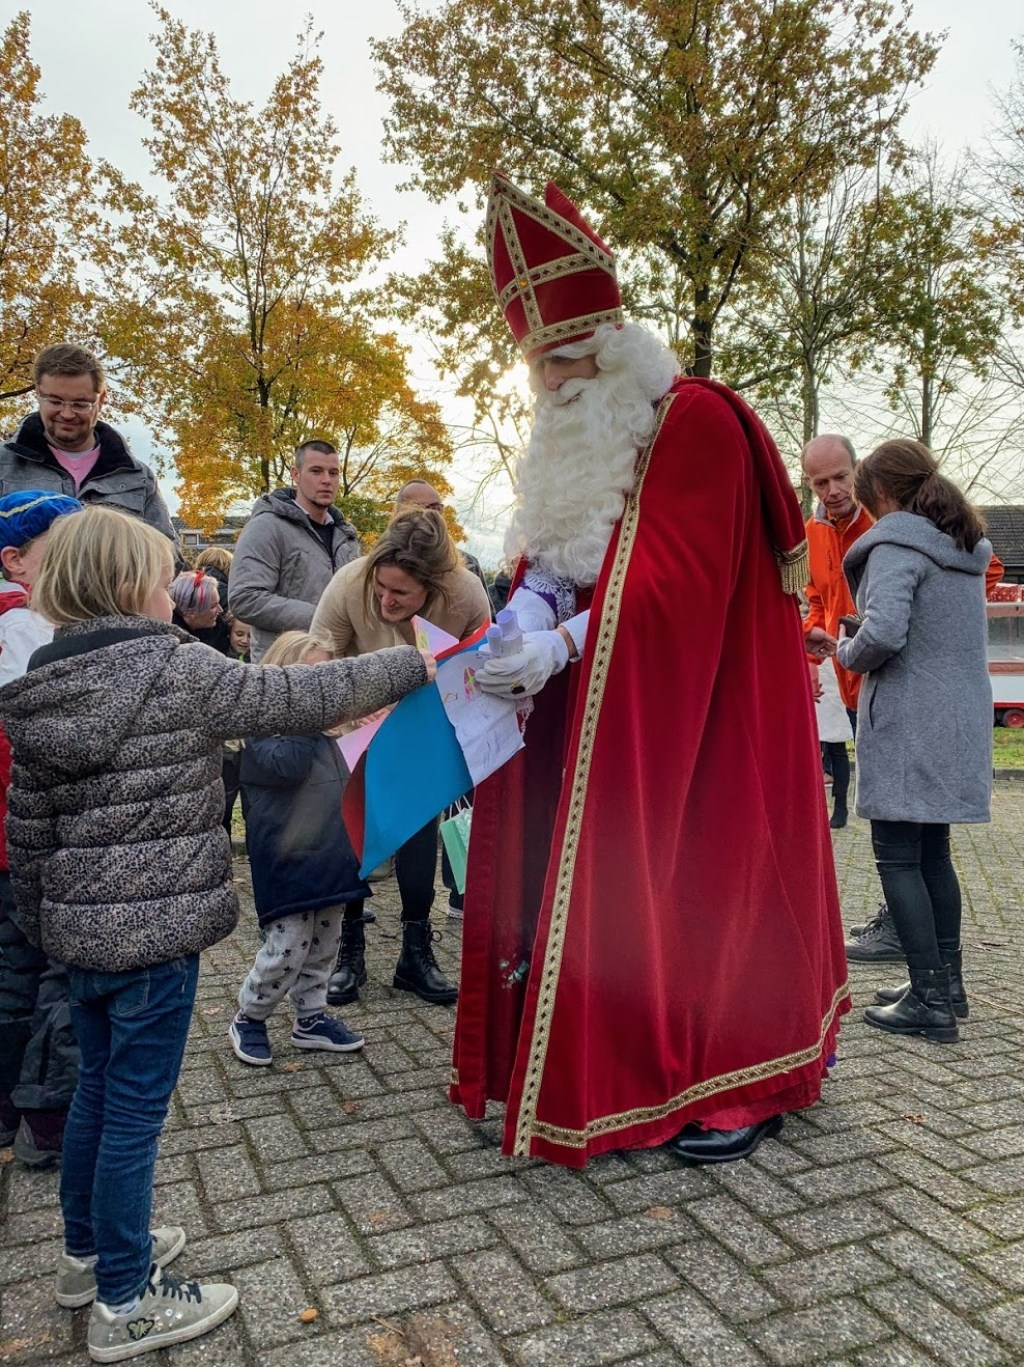 De Sint en zijn pieten werden warm onthaald in Bavel.  Foto: Wesley van der Linde/GroenNieuws.nl © BredaVandaag